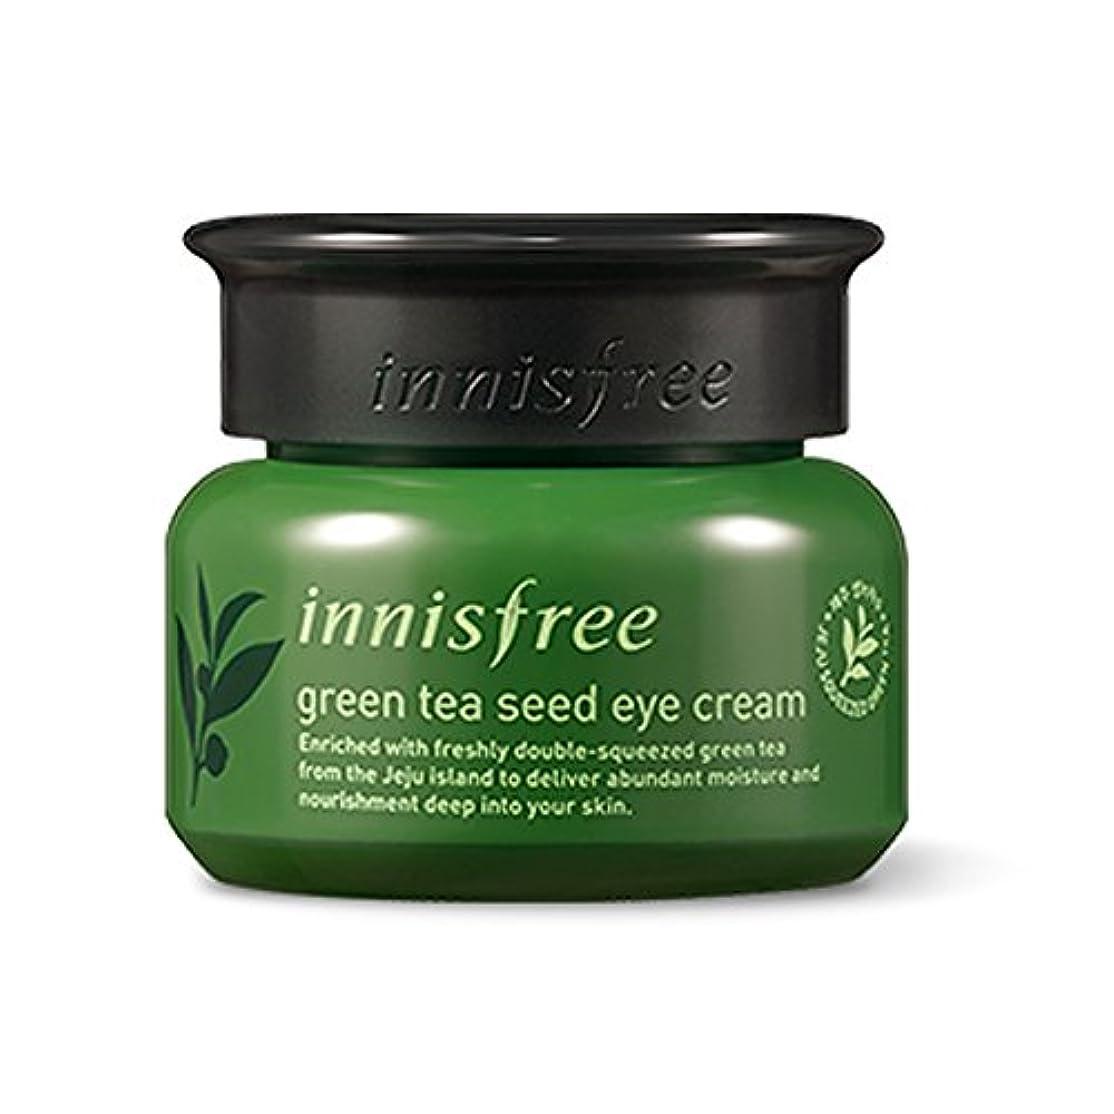 裁判所体操統治可能イニスフリーグリーンティーシードアイクリーム30ml Innisfree The Green Tea Seed Eye Cream 30ml [海外直送品][並行輸入品]